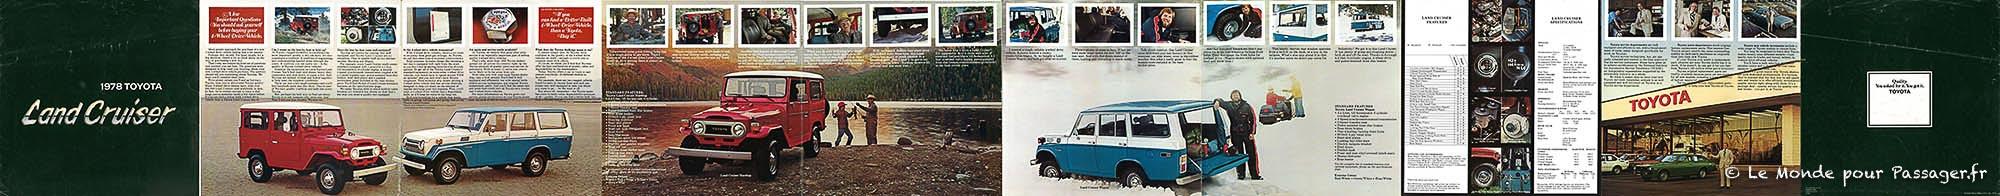 PUB1978-US-BANDEAU2000pix